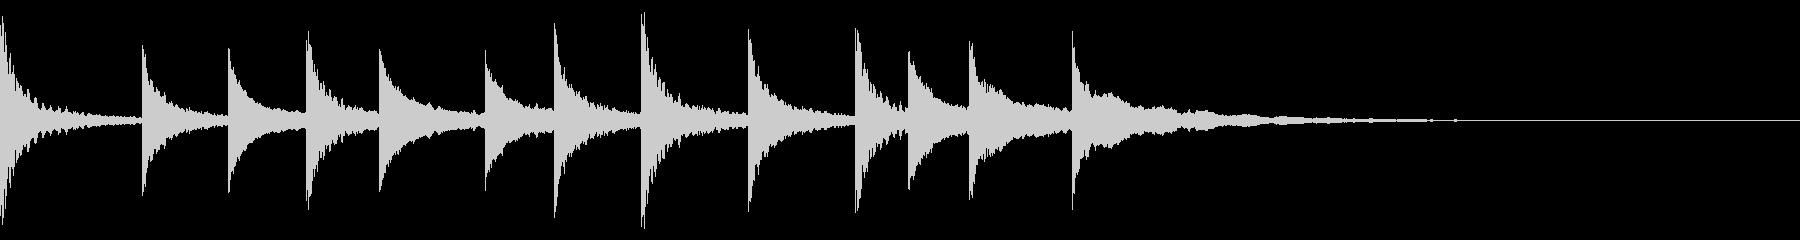 不思議な金属音の未再生の波形